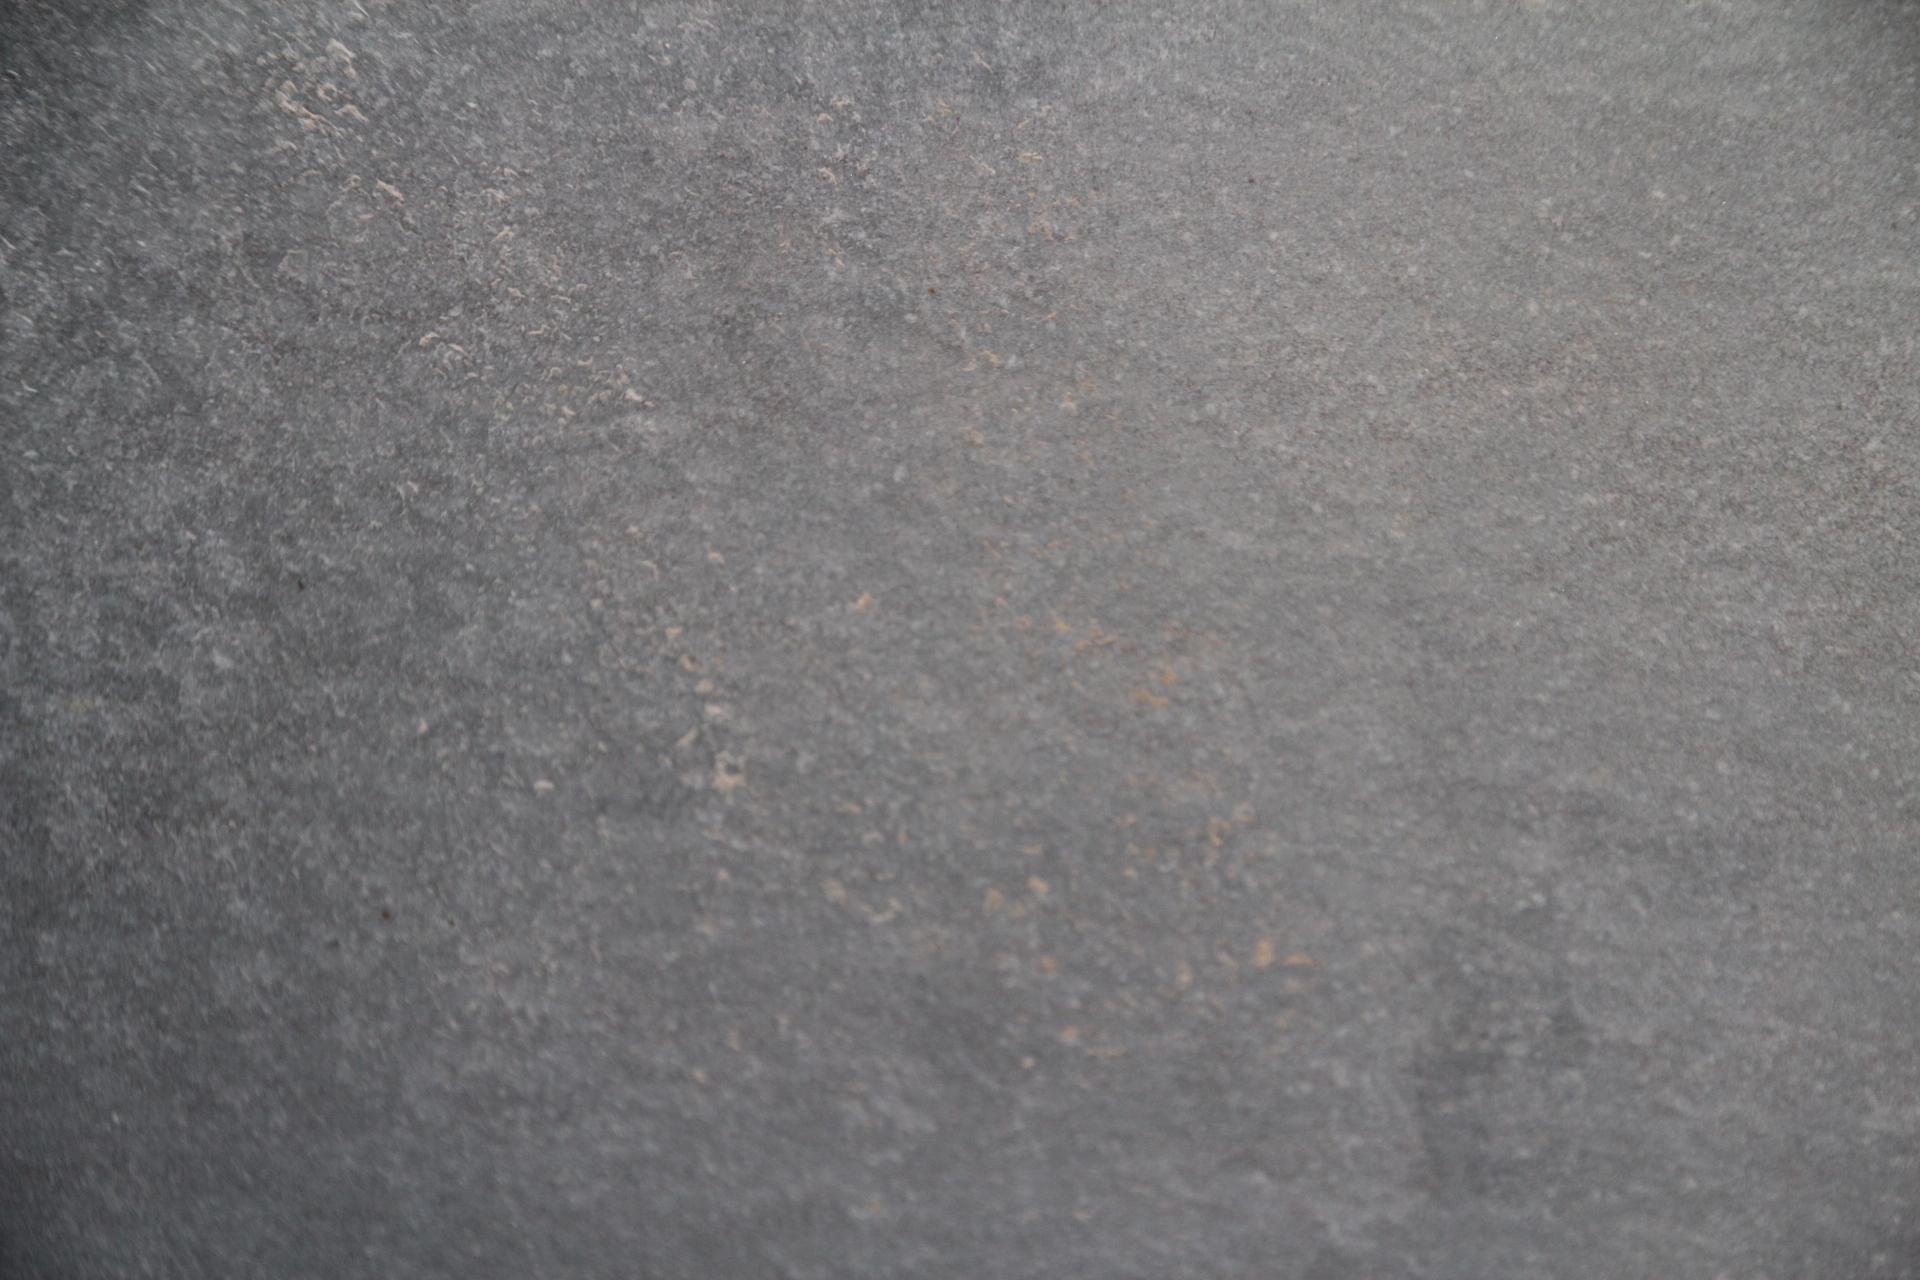 Foto di marmi a prezzi bassi di colore grigio for Pietra piasentina fiammata prezzi